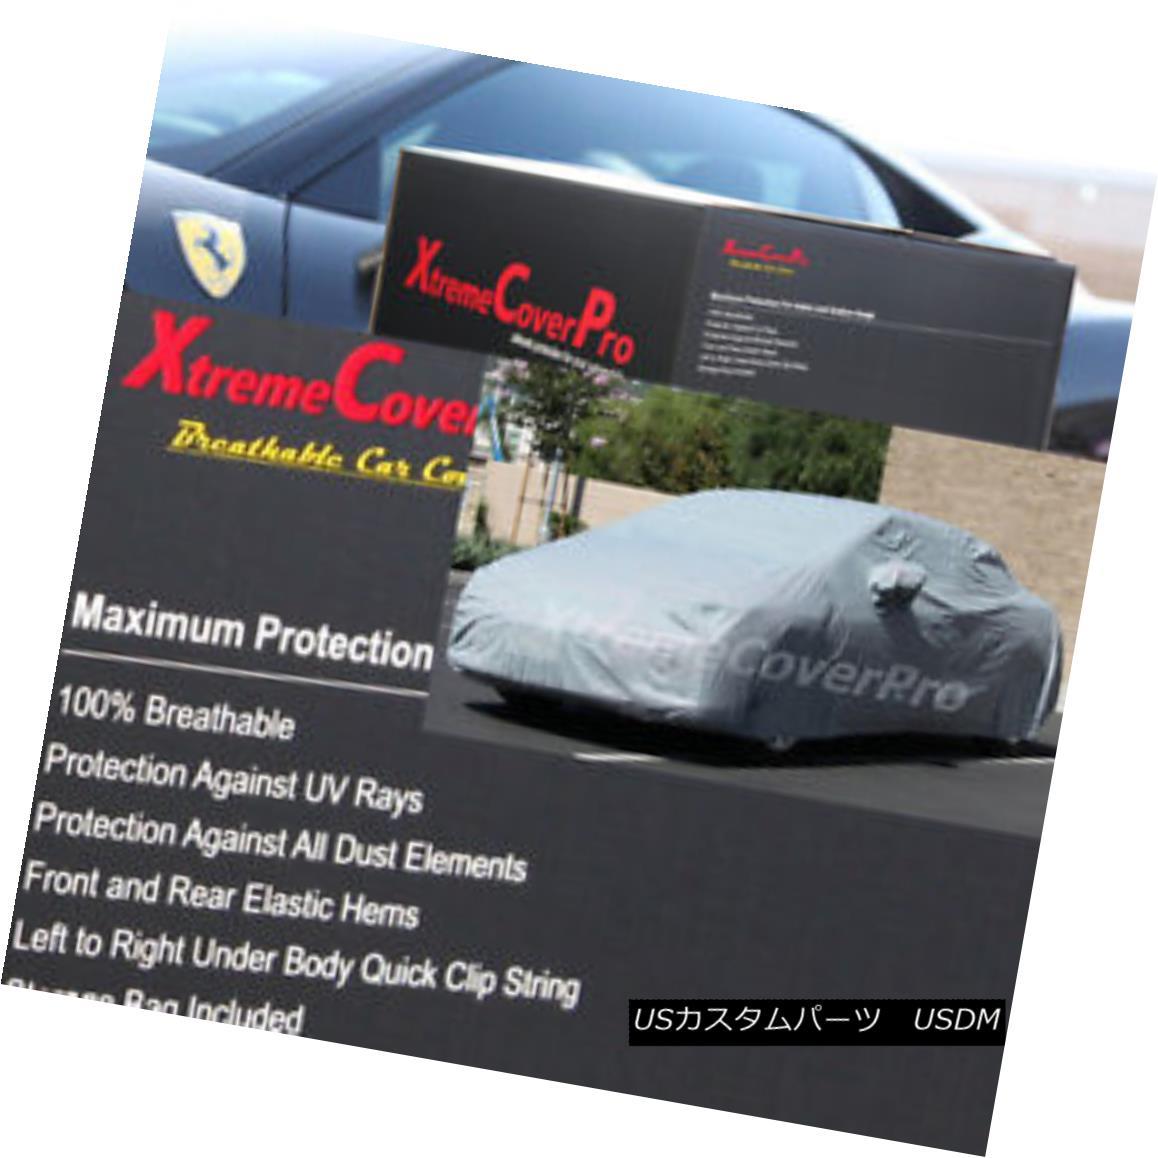 カーカバー 1988 1989 1991 1992 Volkswagen Golf Breathable Car Cover w/MirrorPocket 1988 1989 1991 1992フォルクスワーゲンゴルフ通気性車カバー付きMirrorPocket